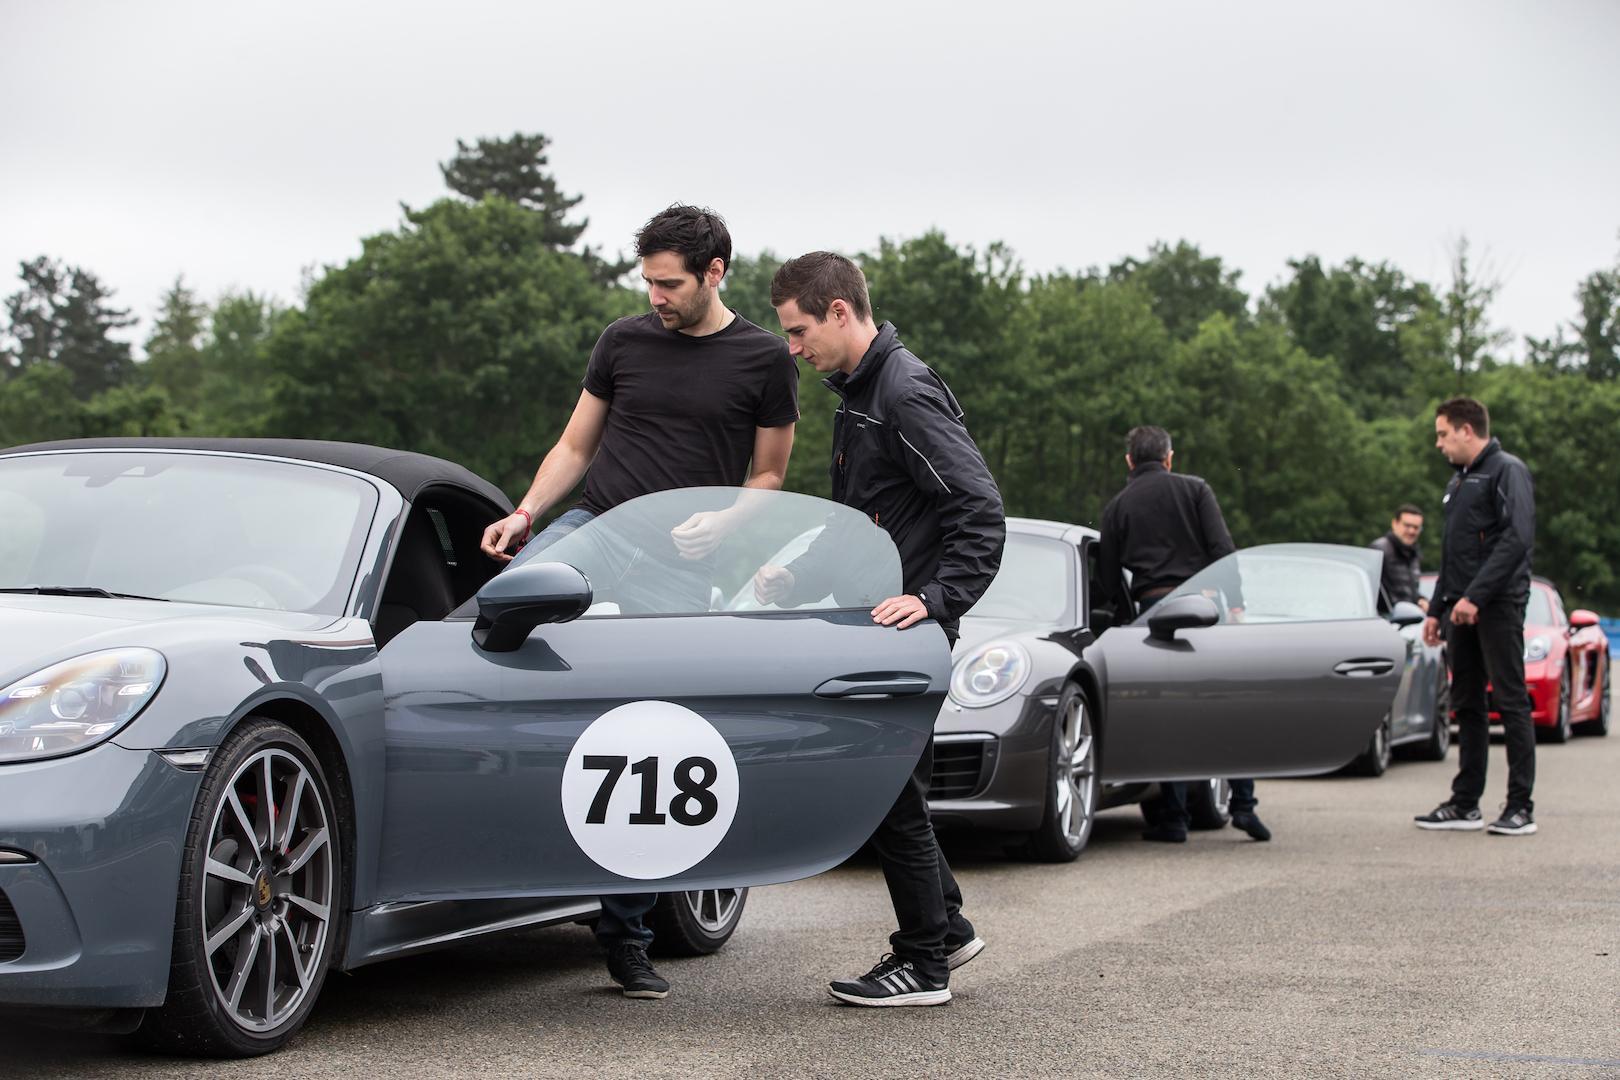 Porsche distribution roadshow itw 9